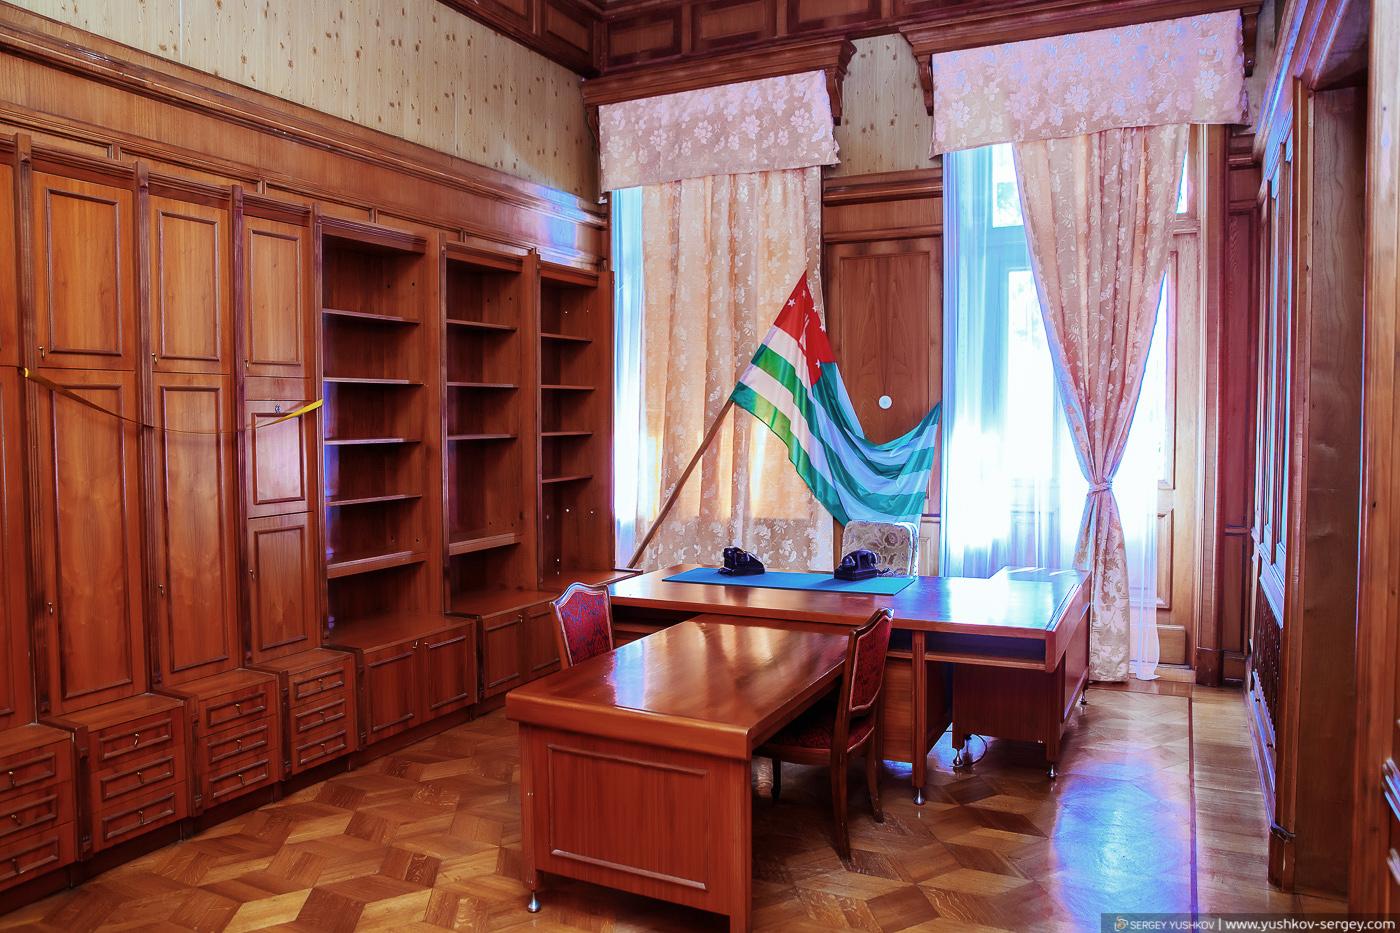 Достопримечательности Сочи и Абхазии. Автопутешествие.